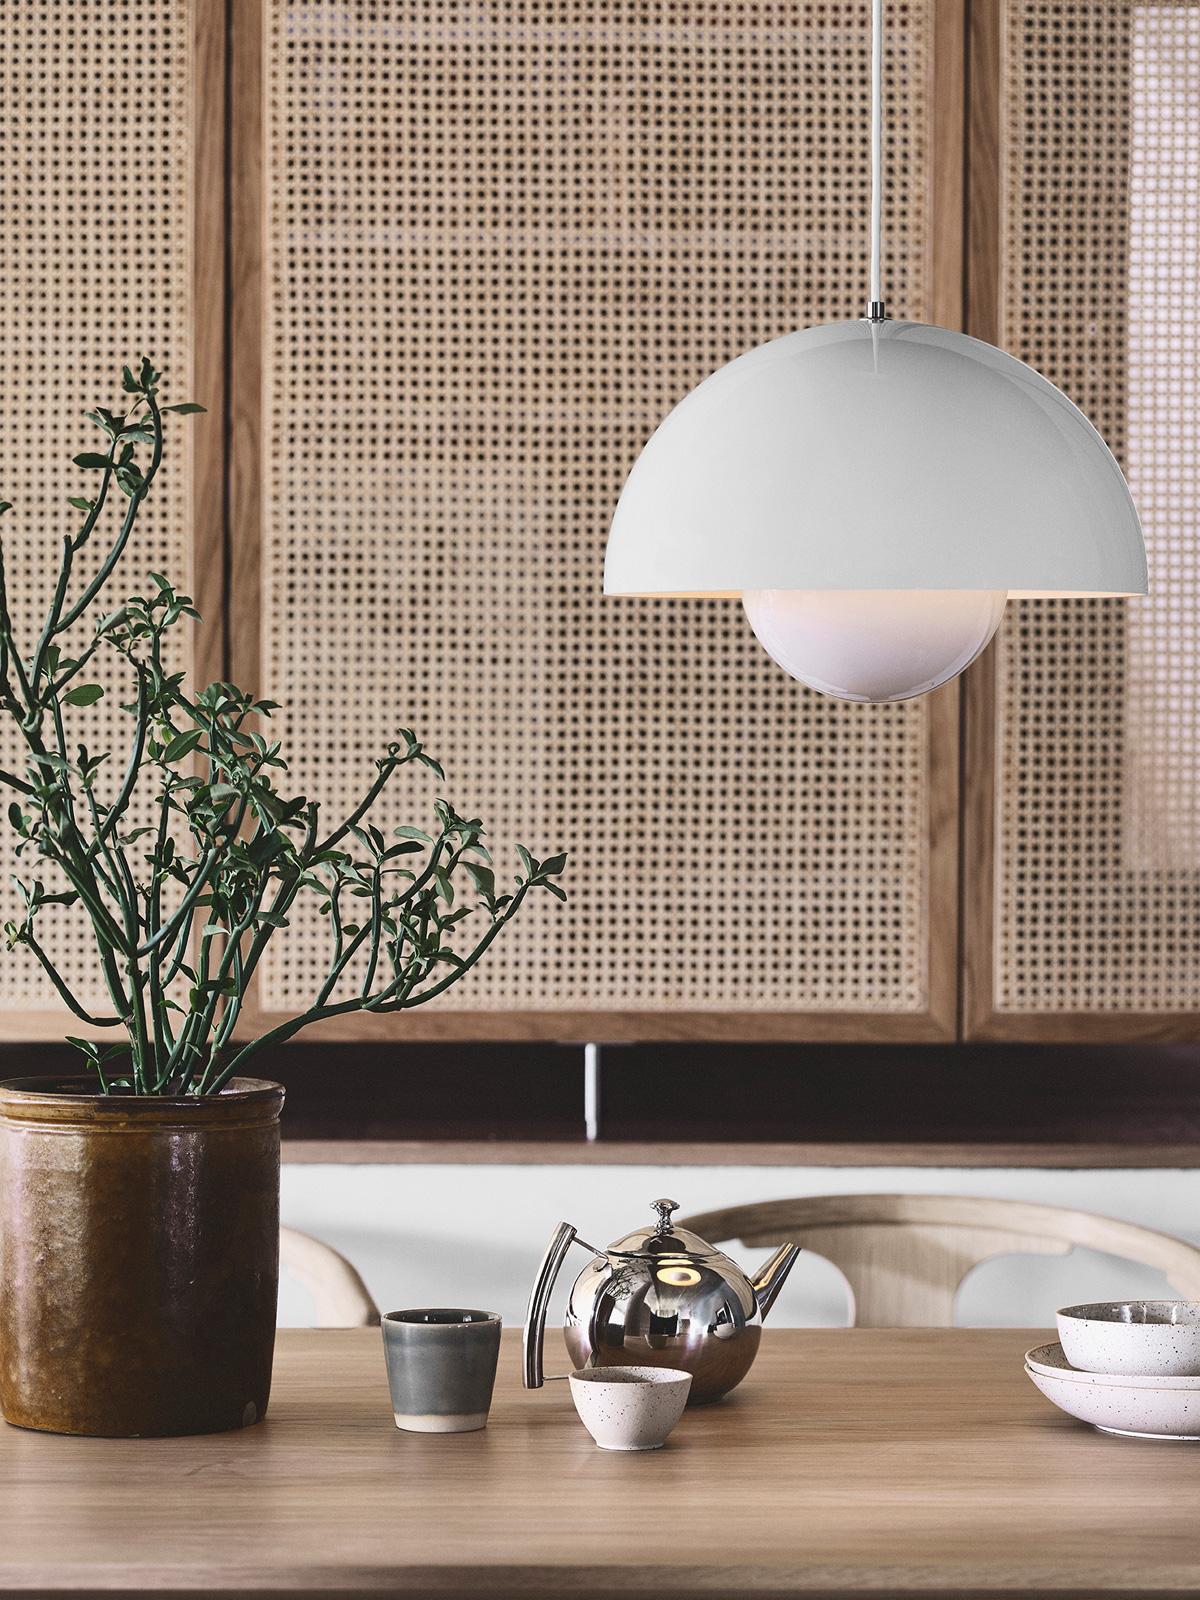 DesignOrt Blog: Bell - glockenförmige Designerleuchten &tradition Flowerpot Leuchte